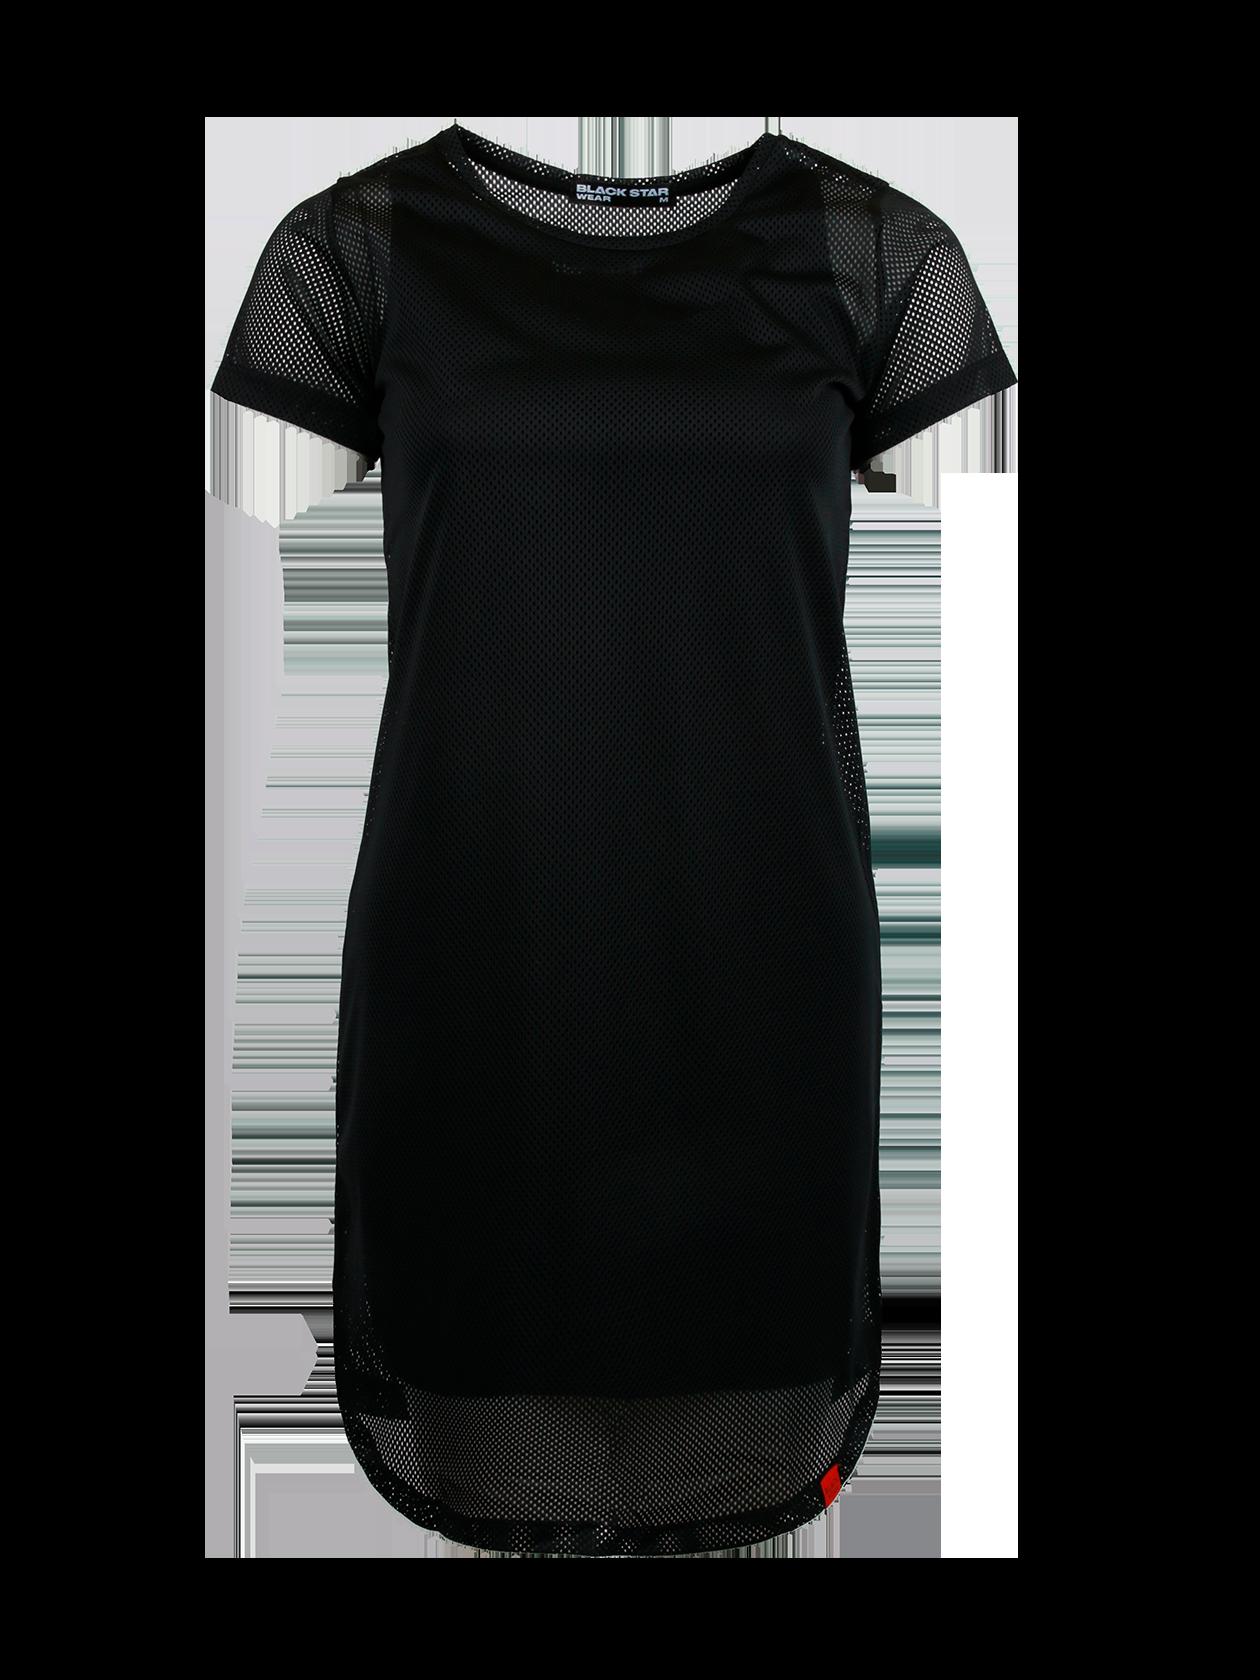 Платье женское MERMAIDПлатье женское Mermaid – оригинальная вещь от популярного бренда Black Star. Модель прямого свободного кроя с округленной формой низа и небольшим рукавом. Неглубокая горловина содержит эмблему с логотипом BSW на внутренней стороне. Изделие выполнено полностью из перфорированного материала высокого качества, представлено в черной расцветке. Внутри имеется подкладка, открывающая рукава и нижнюю часть платья. Идеально подходит для создания стиля на каждый день, комбинируется с любой обувью.<br><br>Размер: L<br>Цвет: Черный/бежевый<br>Пол: Женский